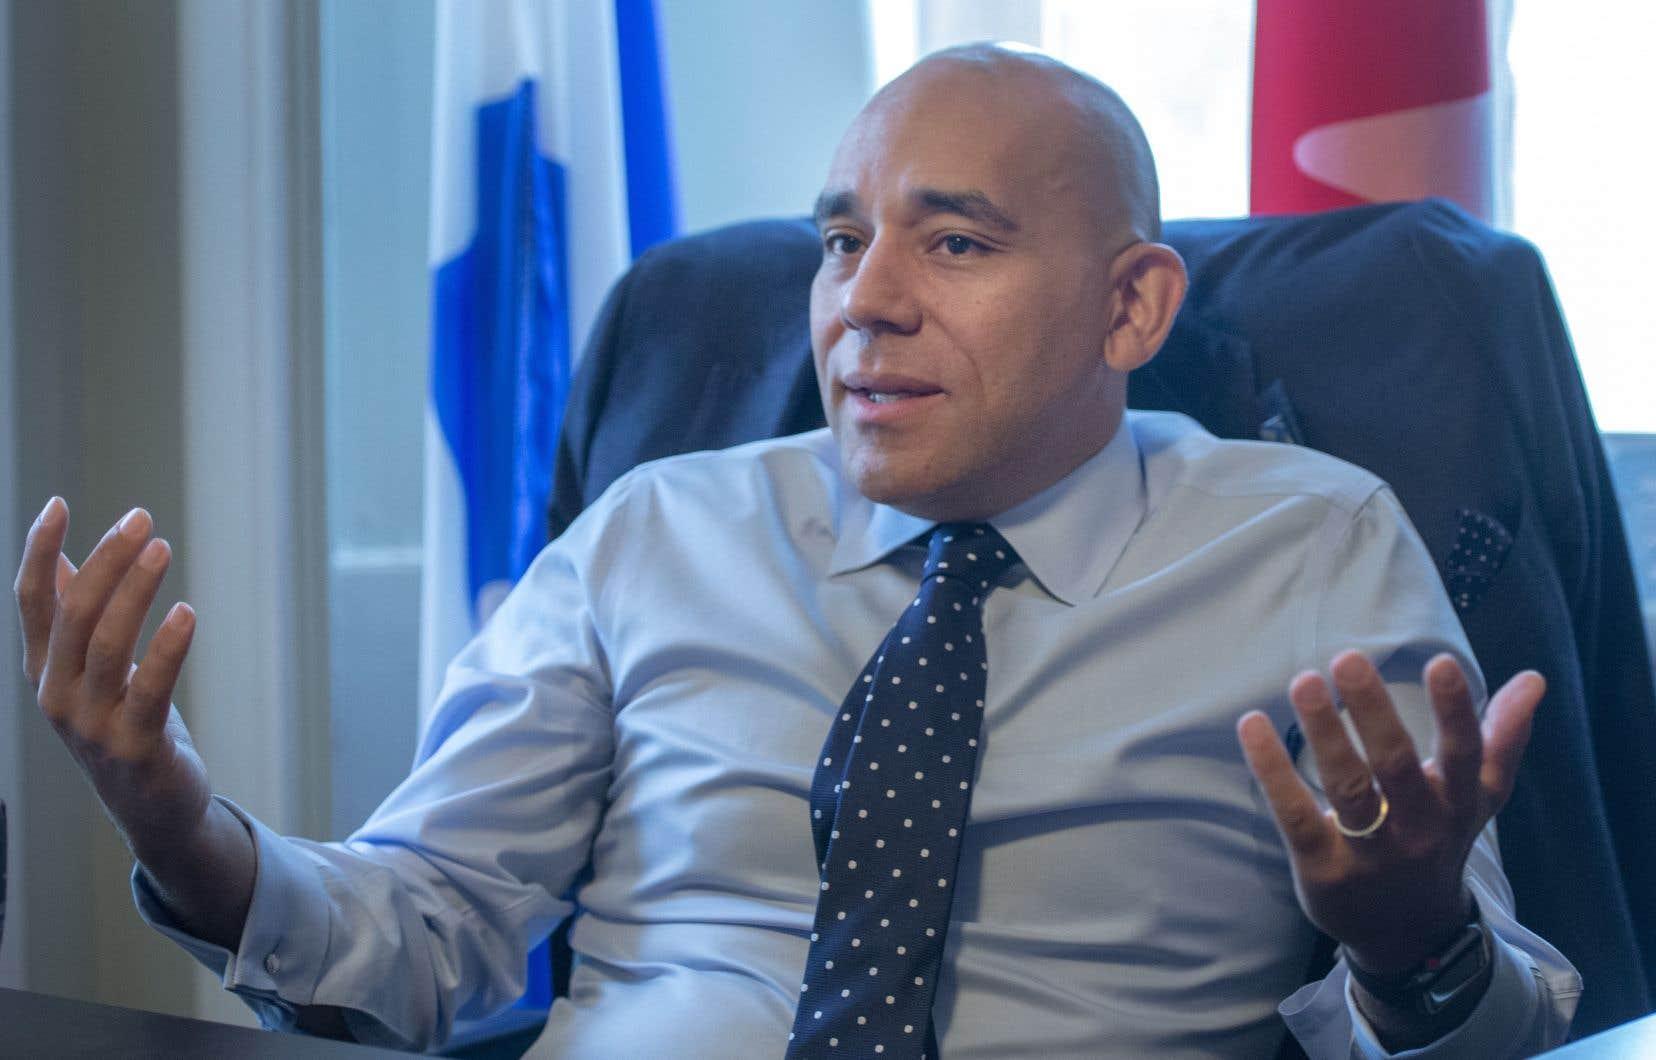 Les anglophones «n'arrivent pas à vivre pleinement l'expérience québécoise», note Christopher Skeete, adjoint parlementaire du premier ministre François Legault.